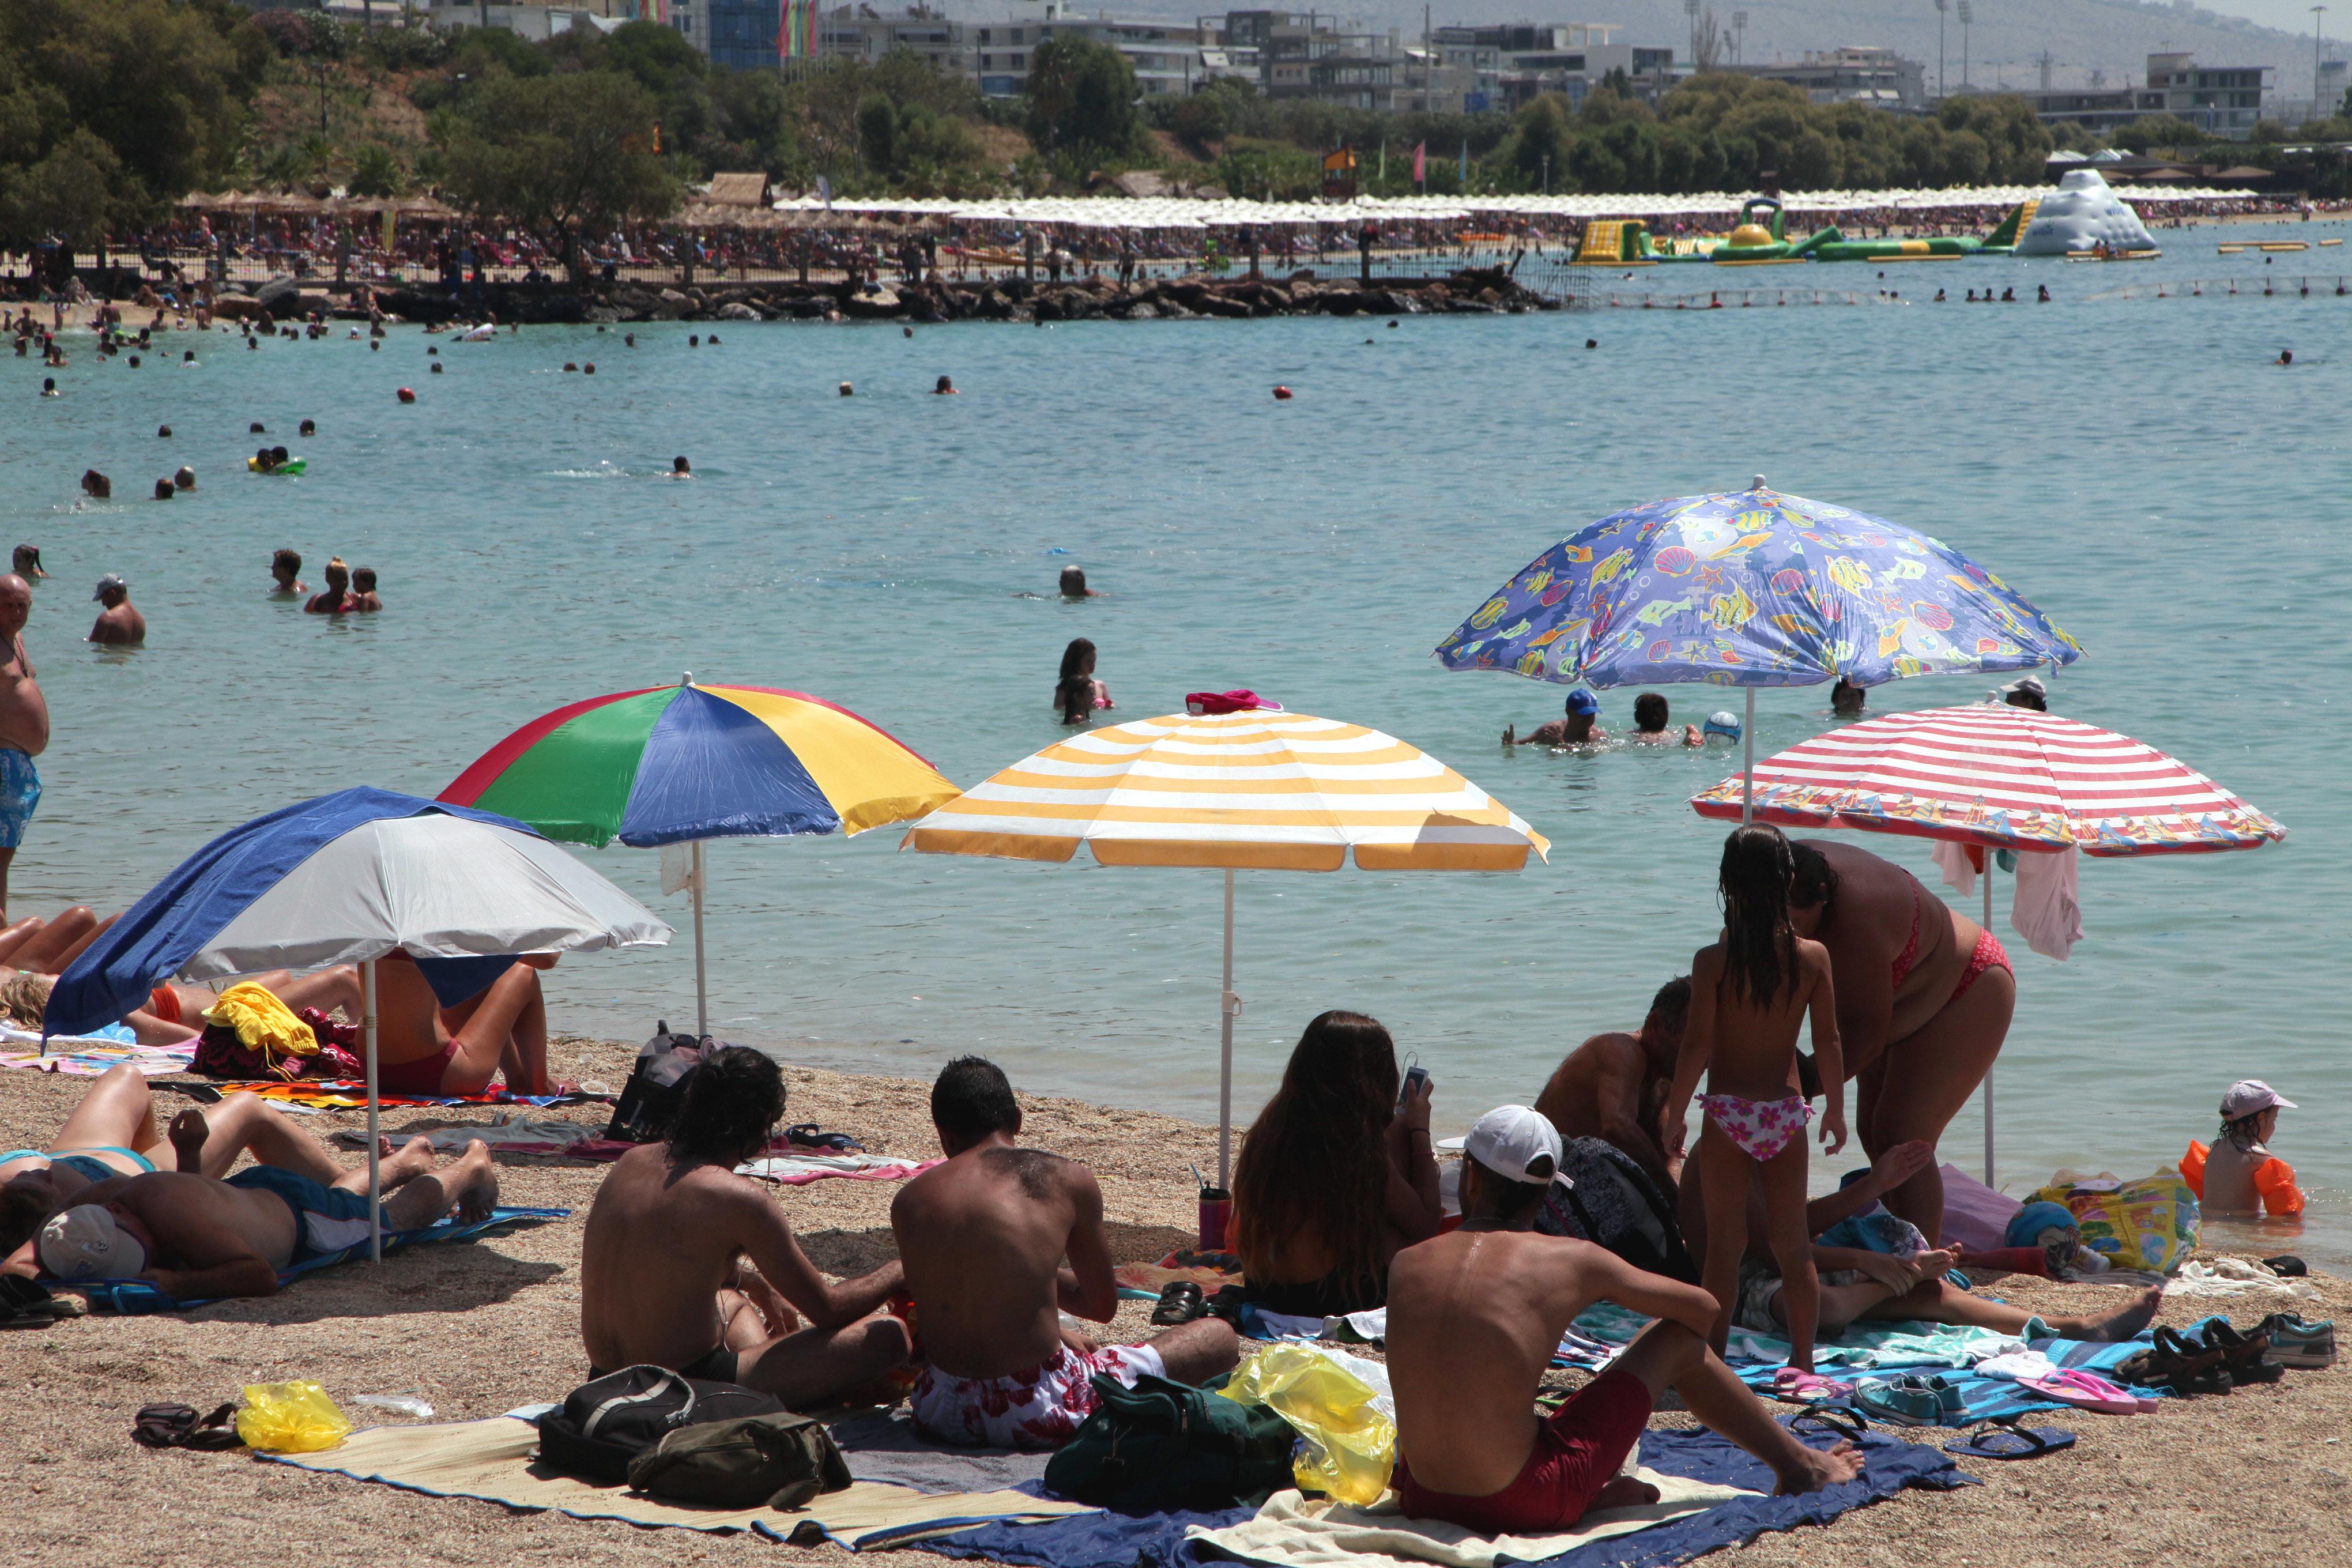 Καιρός: Κλίμα τροπικό σήμερα (18/08) με ζέστη και καταιγίδες